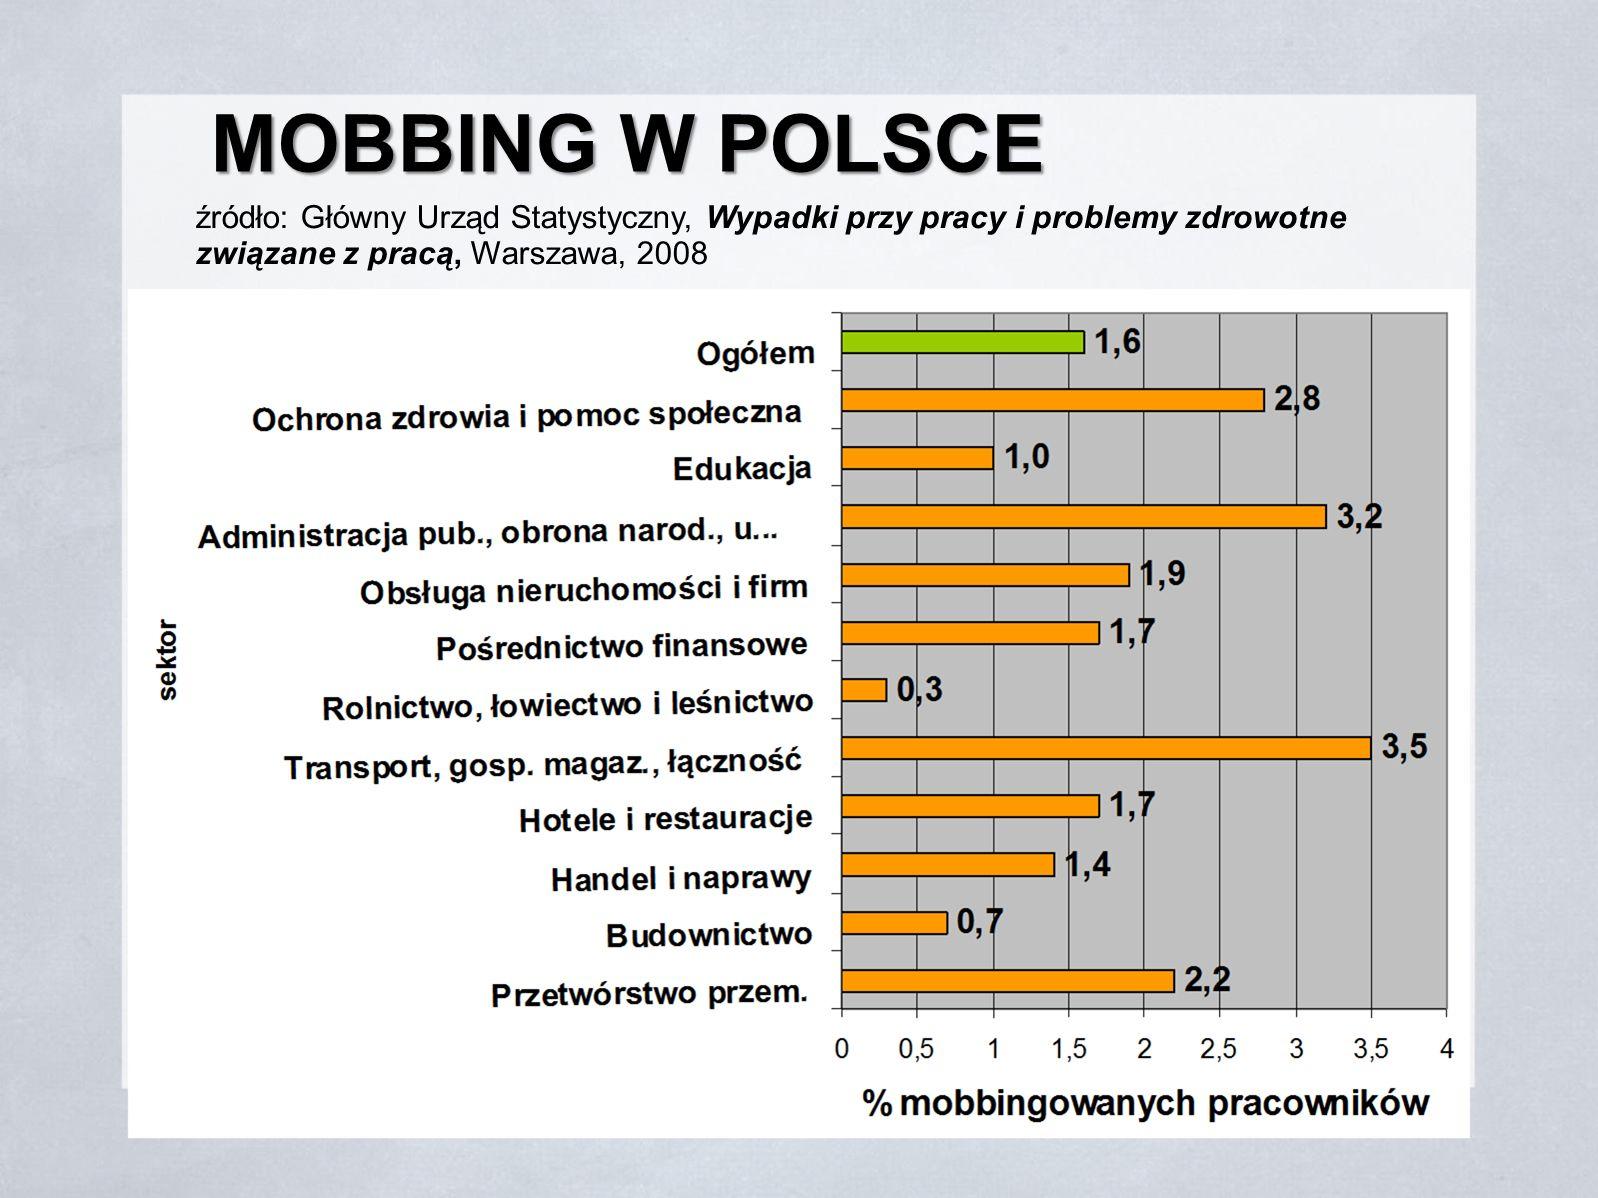 MOBBING W POLSCE źródło: Główny Urząd Statystyczny, Wypadki przy pracy i problemy zdrowotne związane z pracą, Warszawa, 2008.